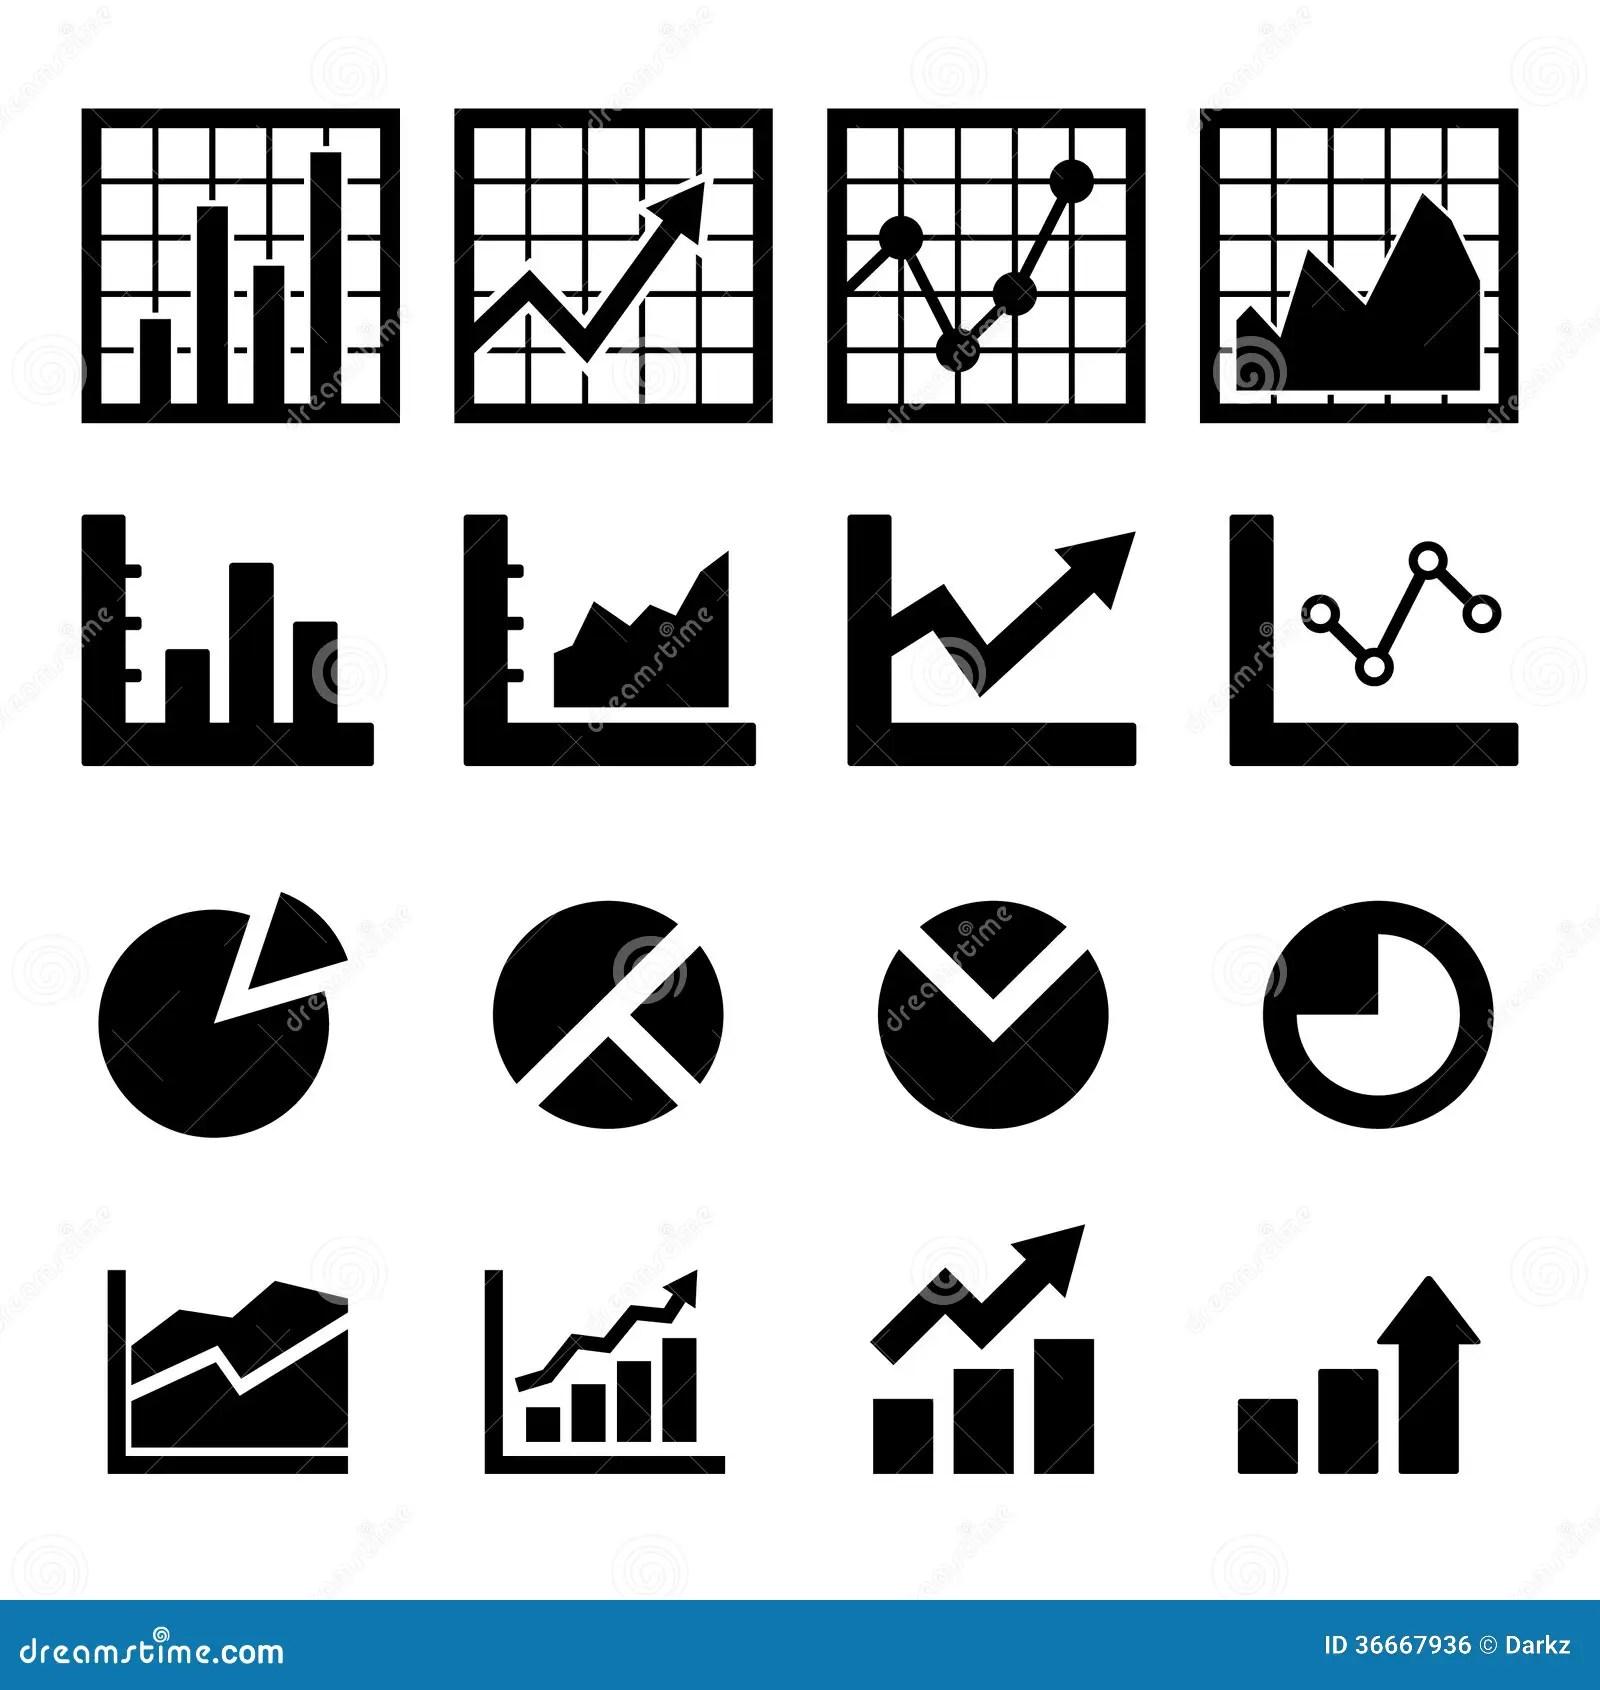 Icone De Diagramme Et De Diagramme Image Libre De Droits